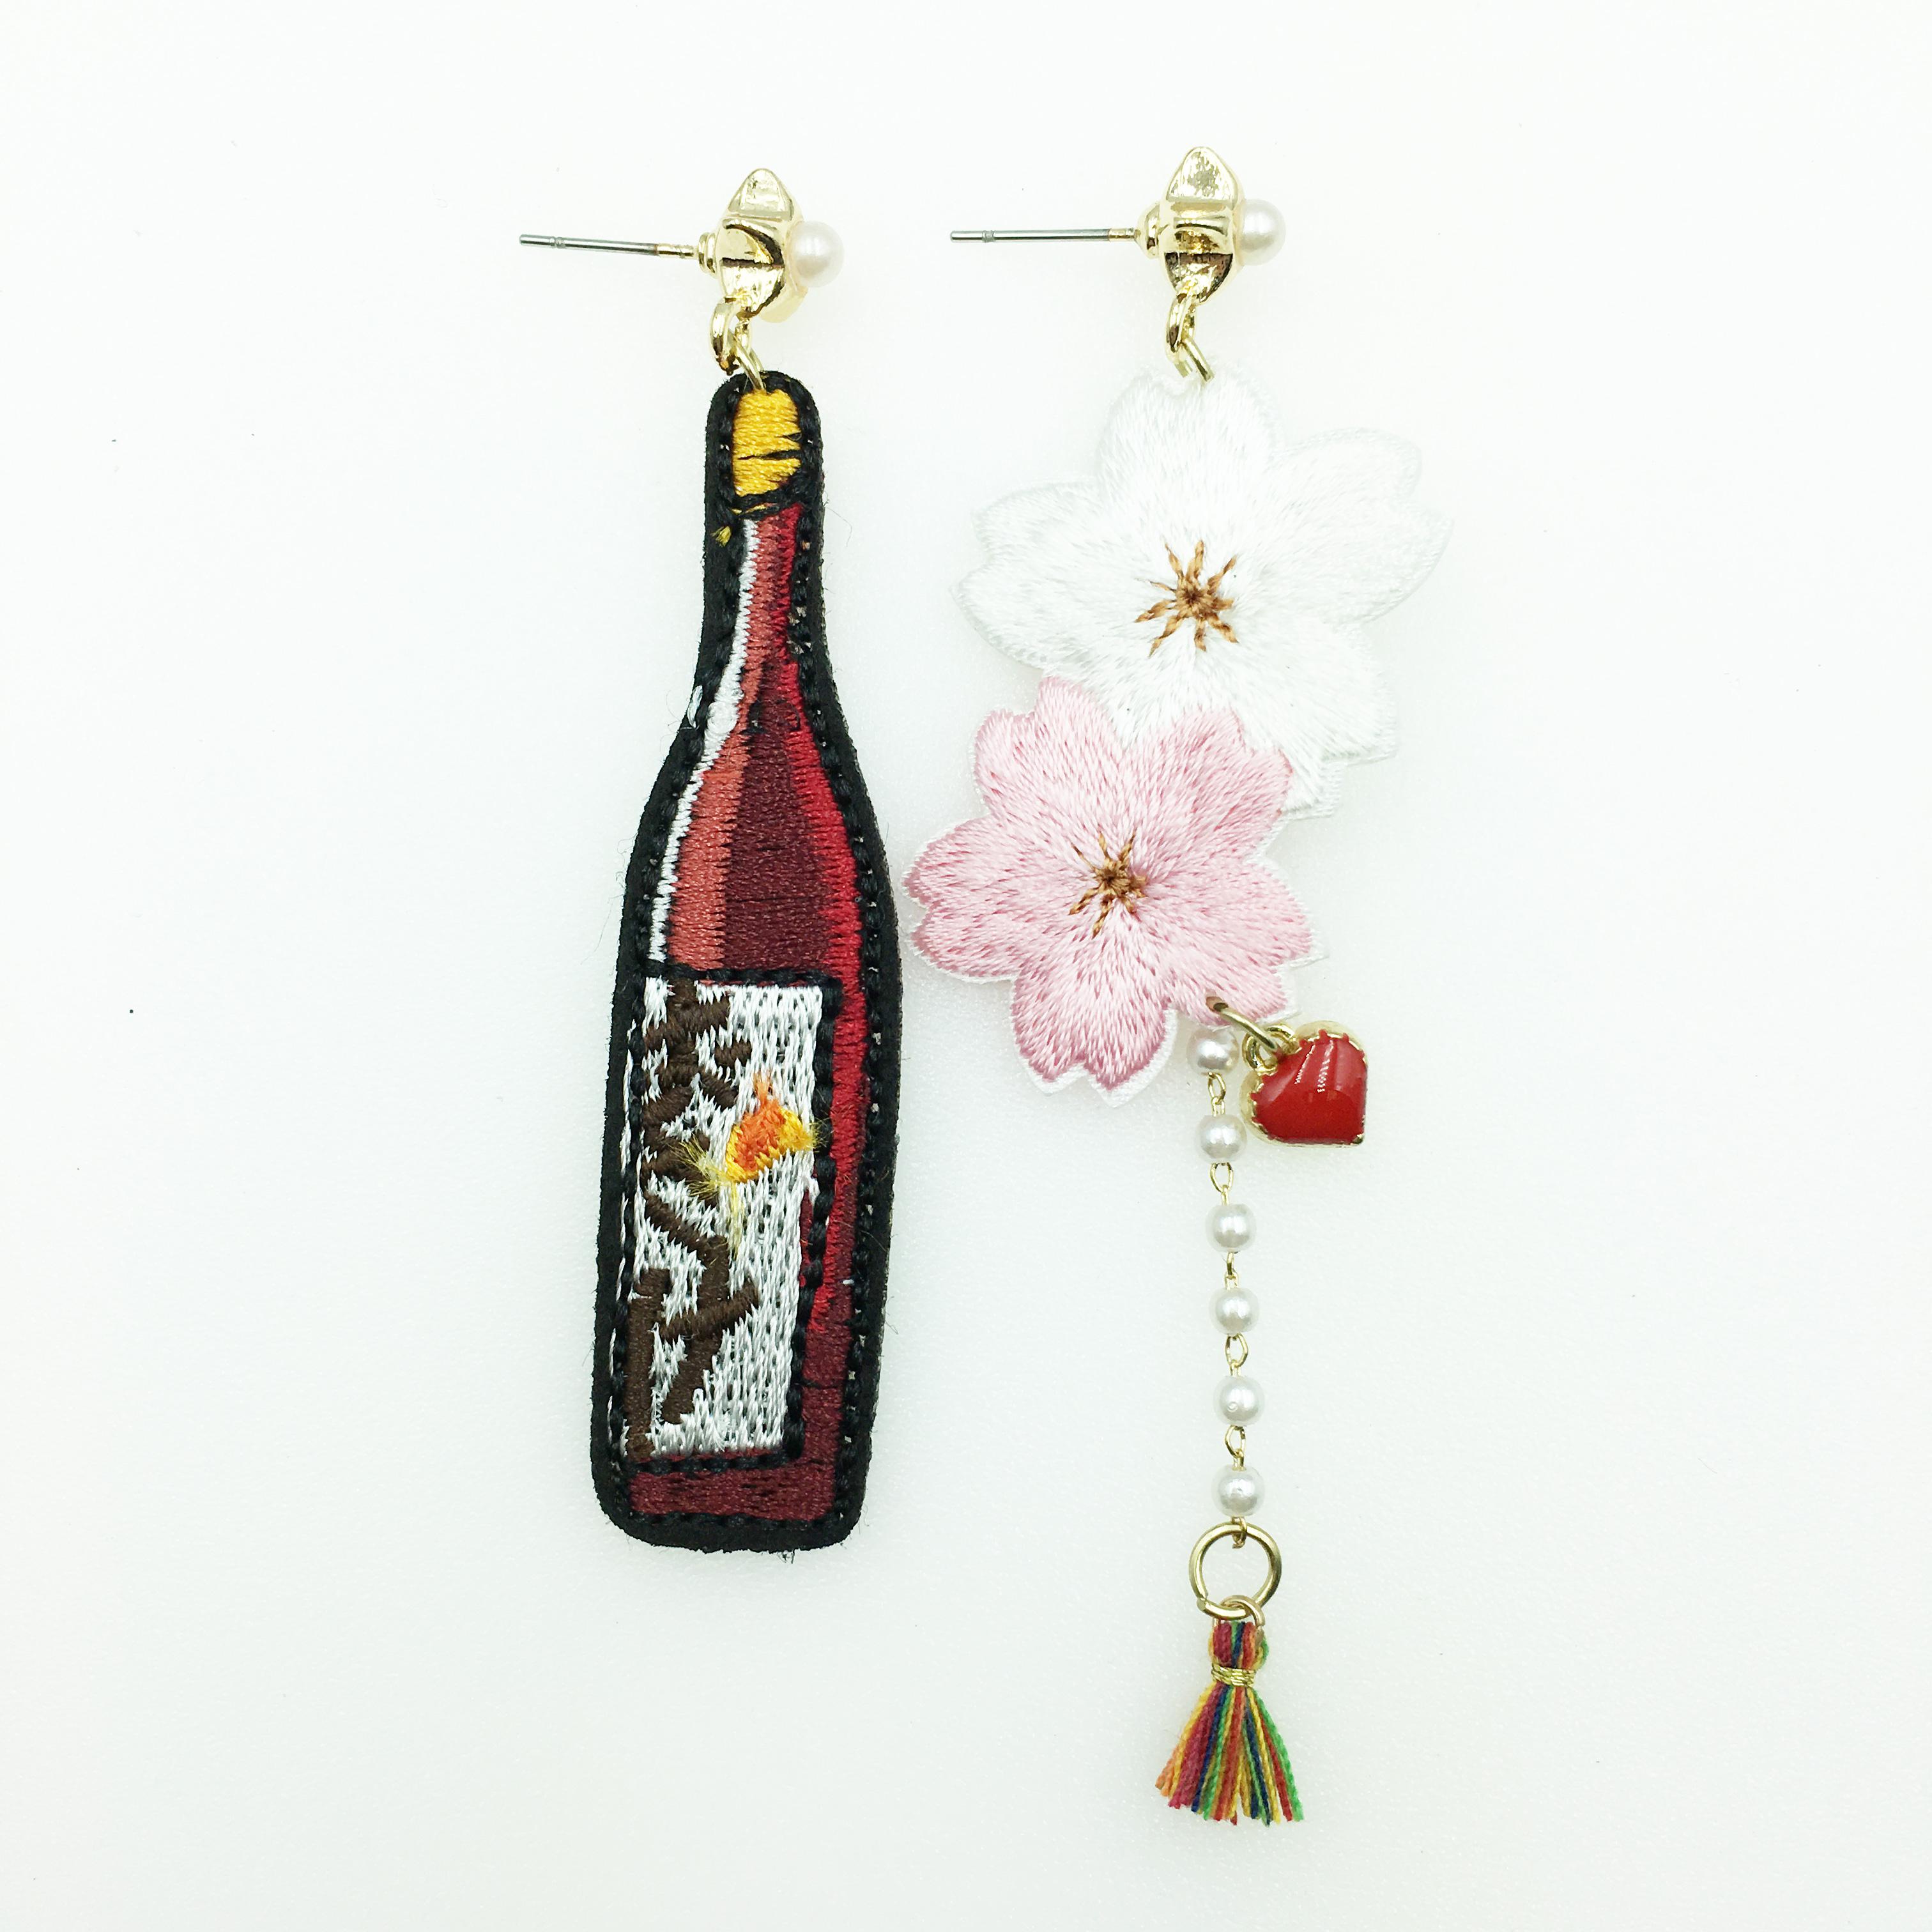 韓國 不對稱 燙布貼 酒瓶 花 紅愛心 星星 珍珠 流蘇 垂墜感 耳針式耳環